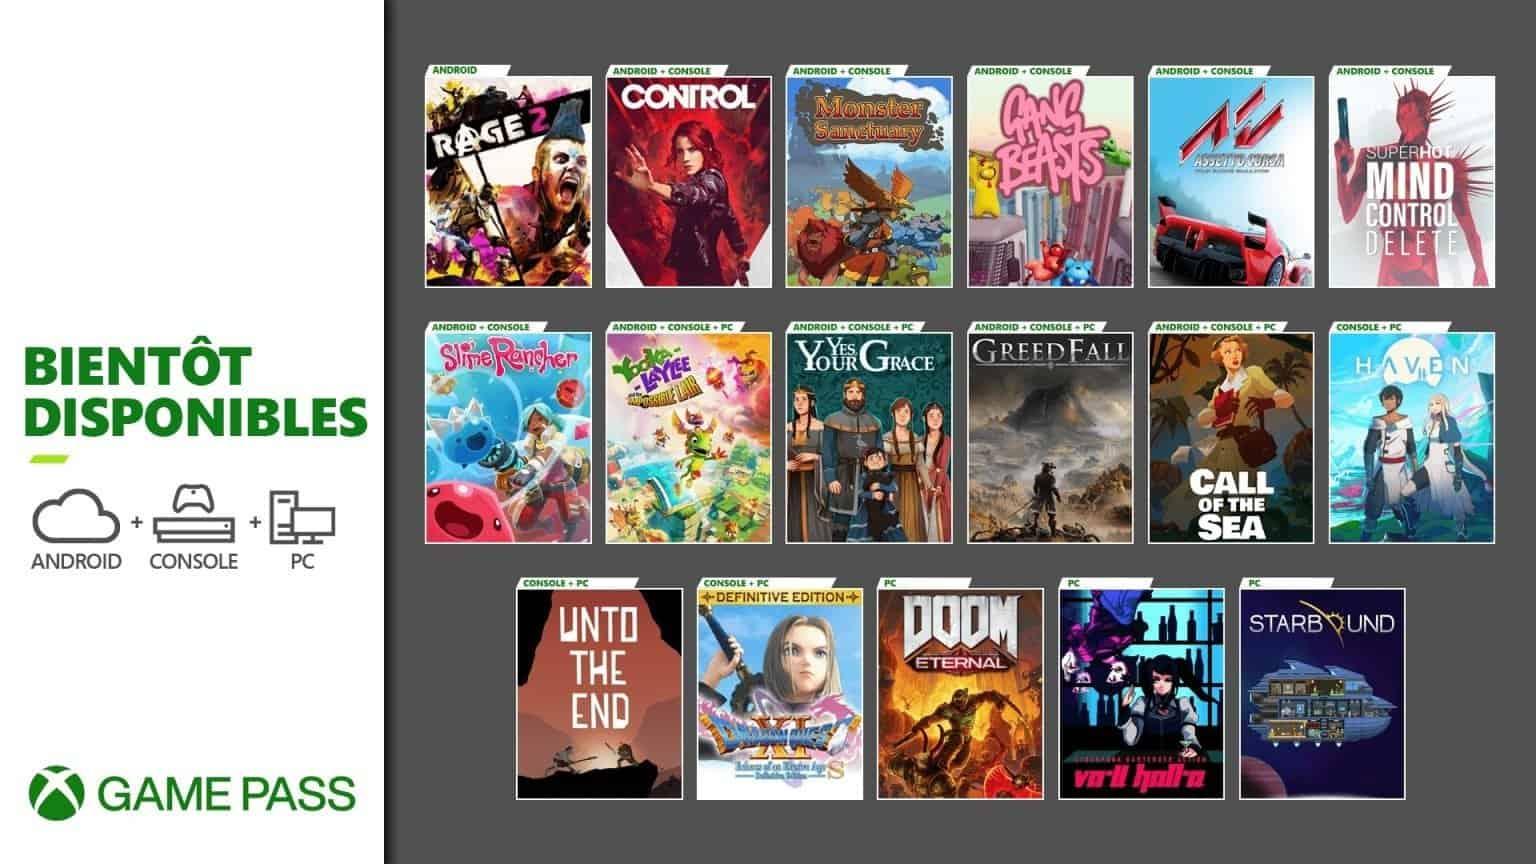 jeux-videos-xbox-game-pass-decembre-2020